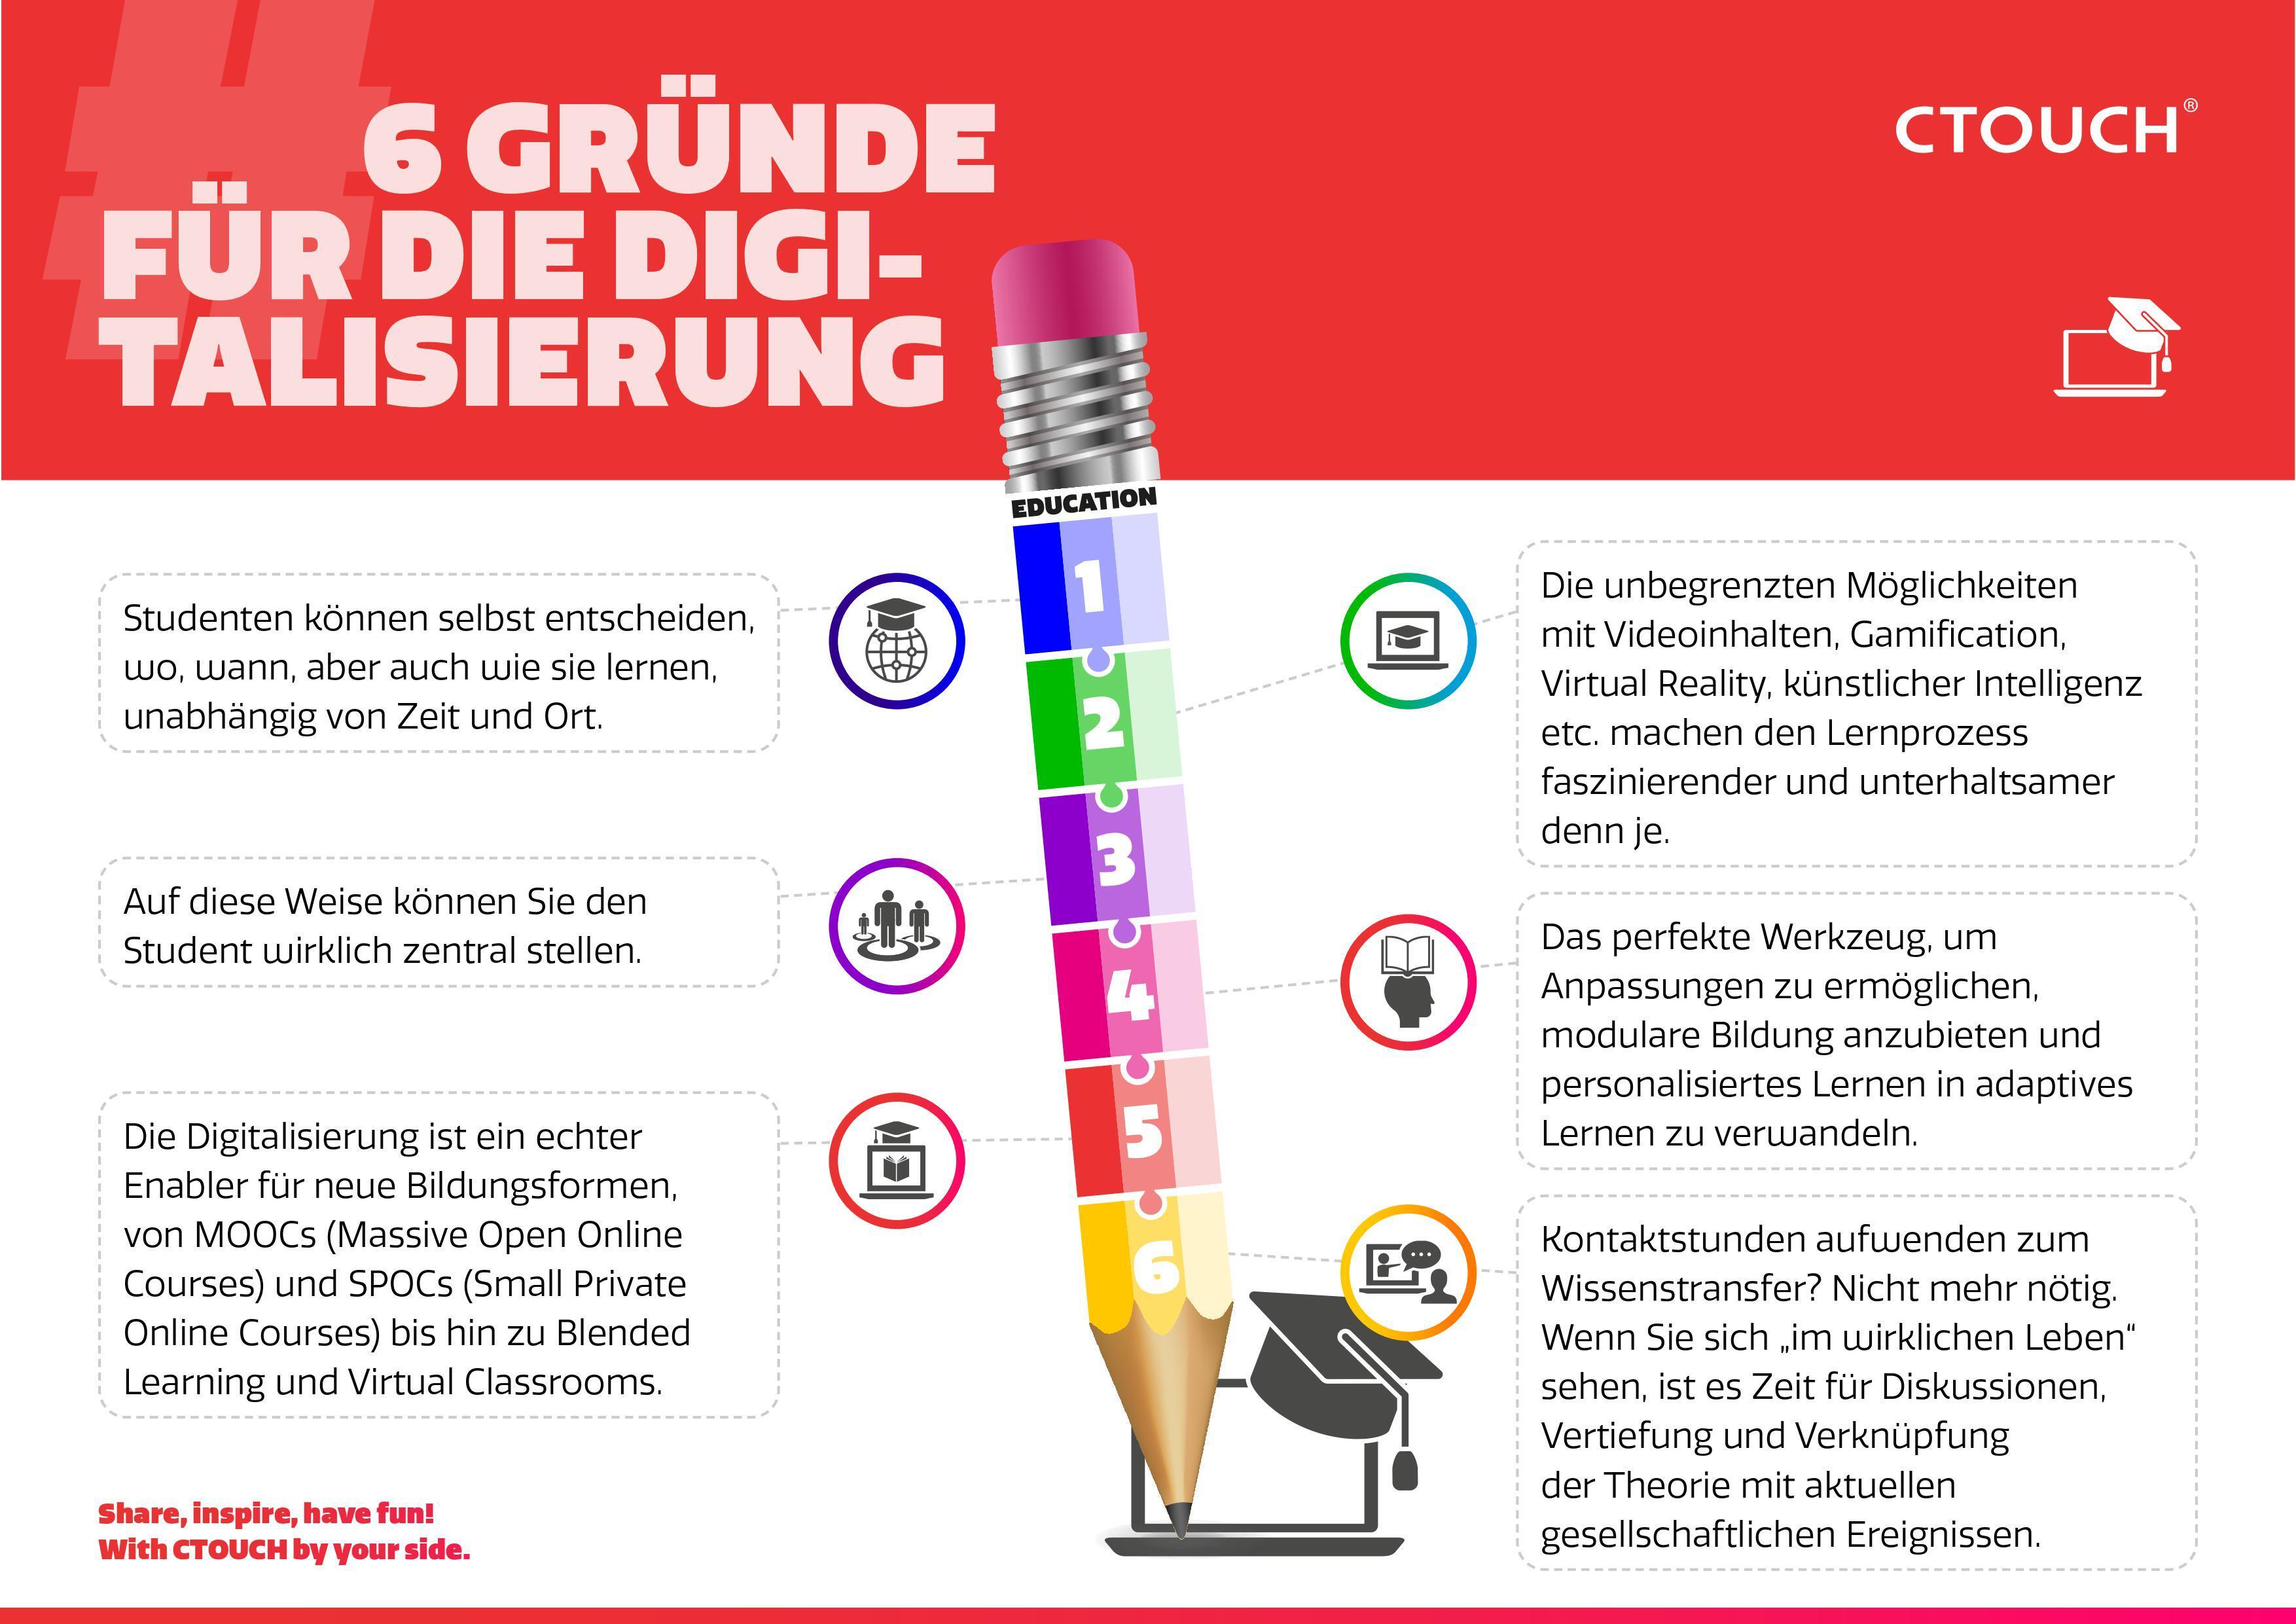 6 GRÜNDE FÜR DIE DIGITALISIERUNG